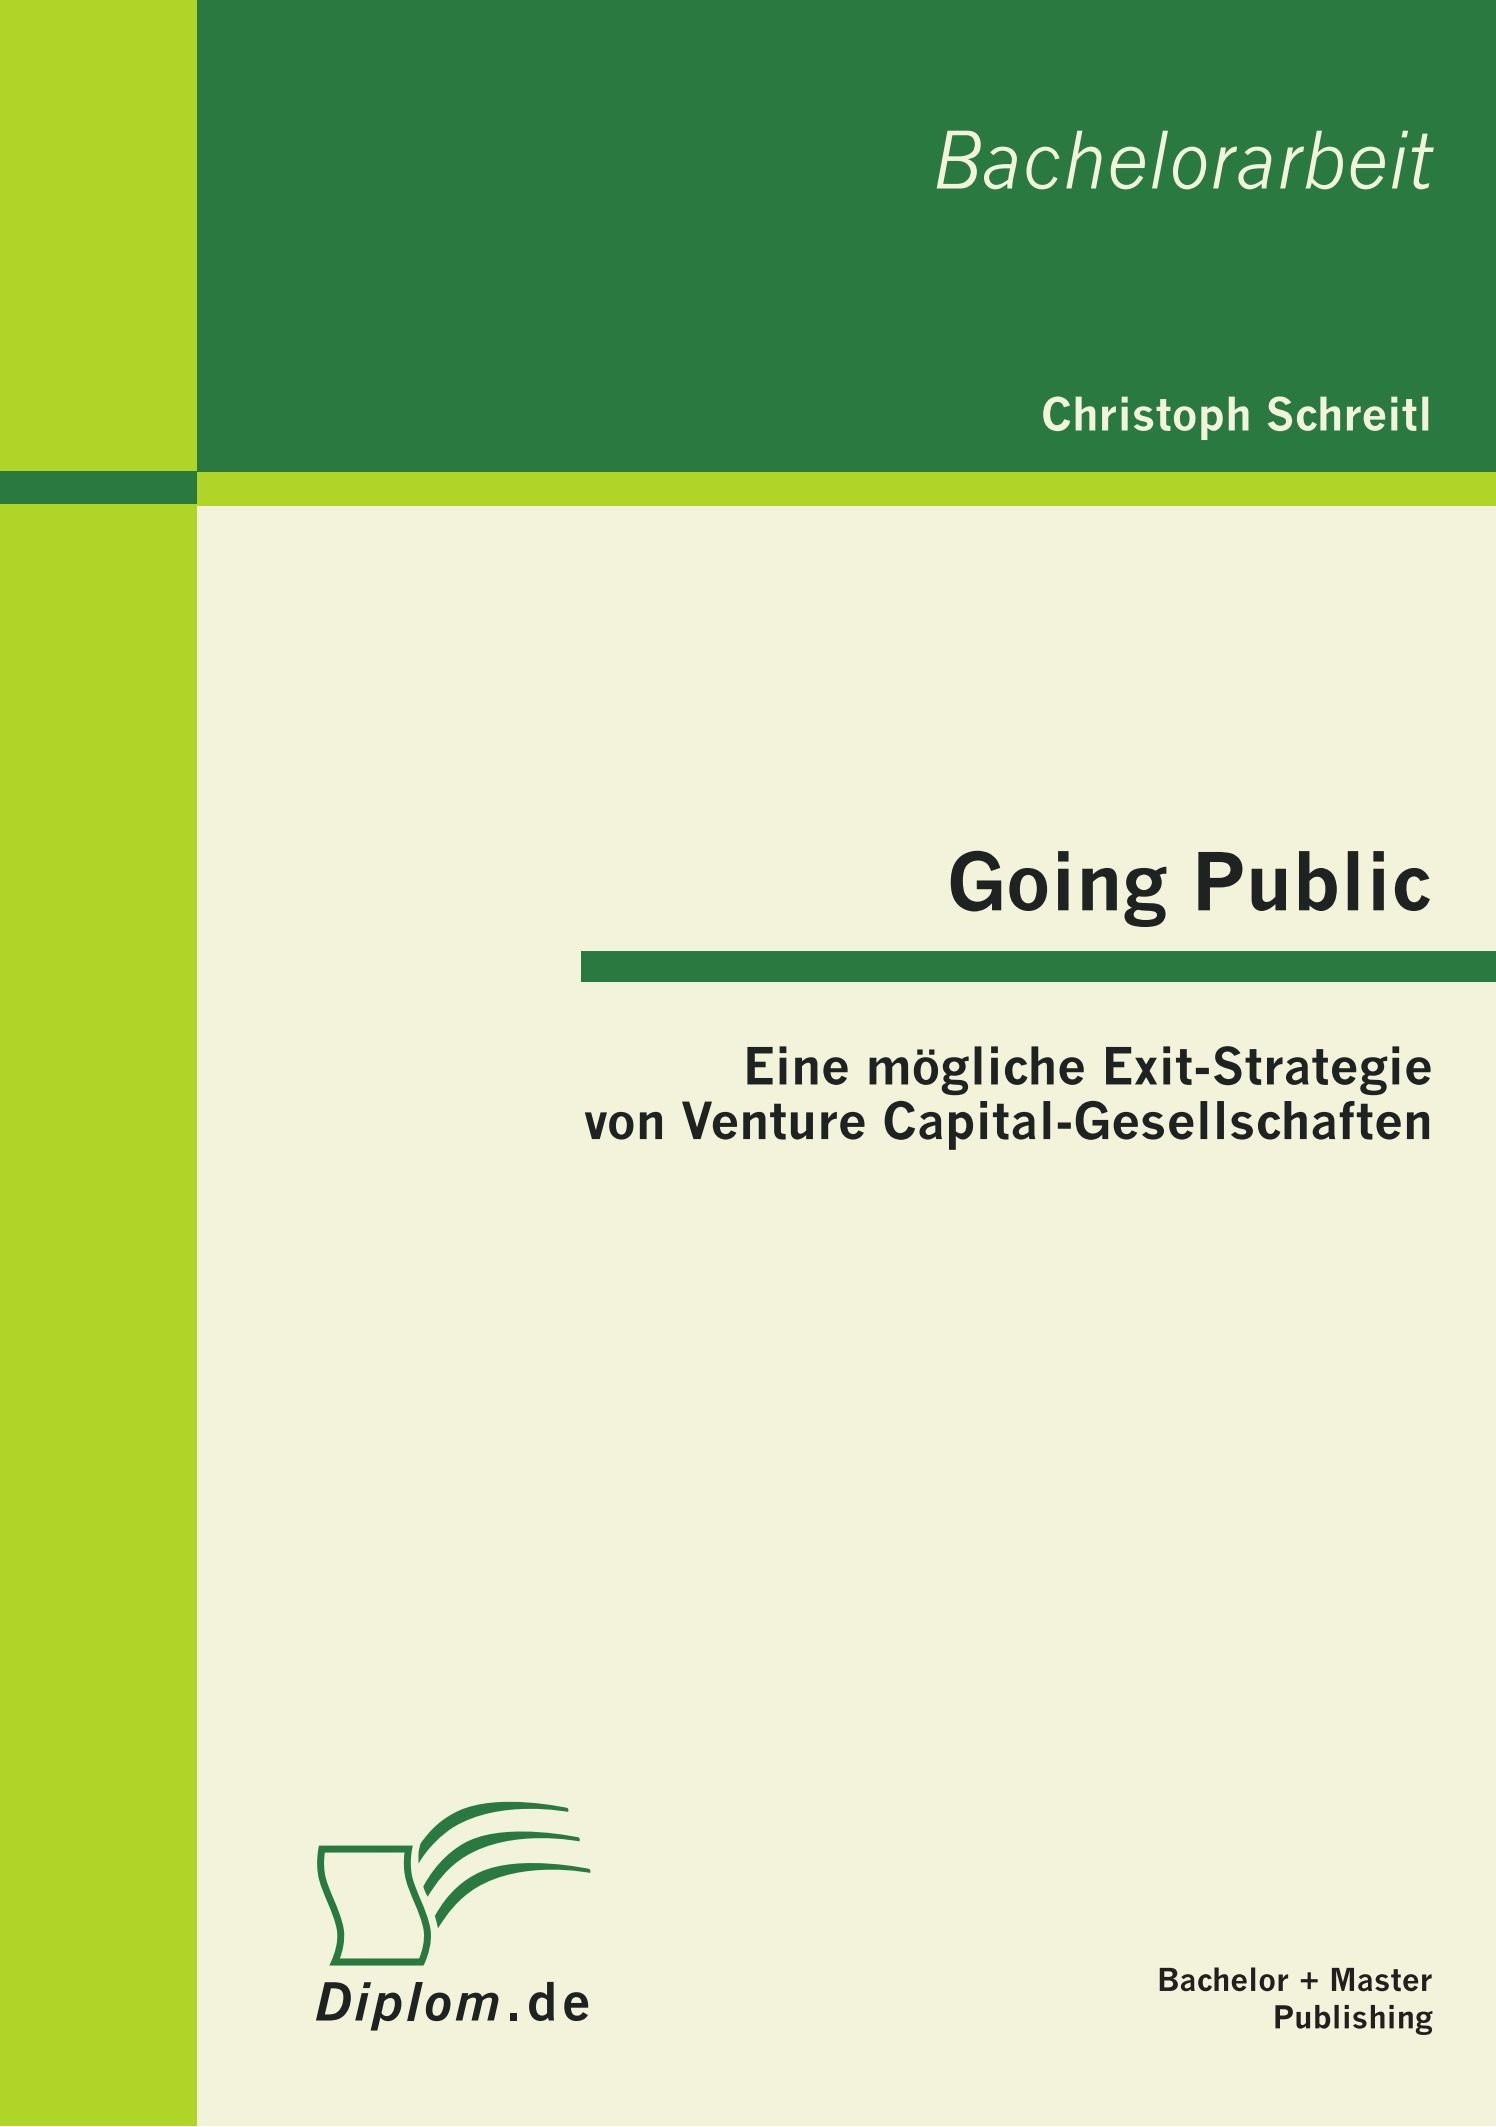 Going Public: Eine mögliche Exit-Strategie von Venture Capital-Gesellschaften